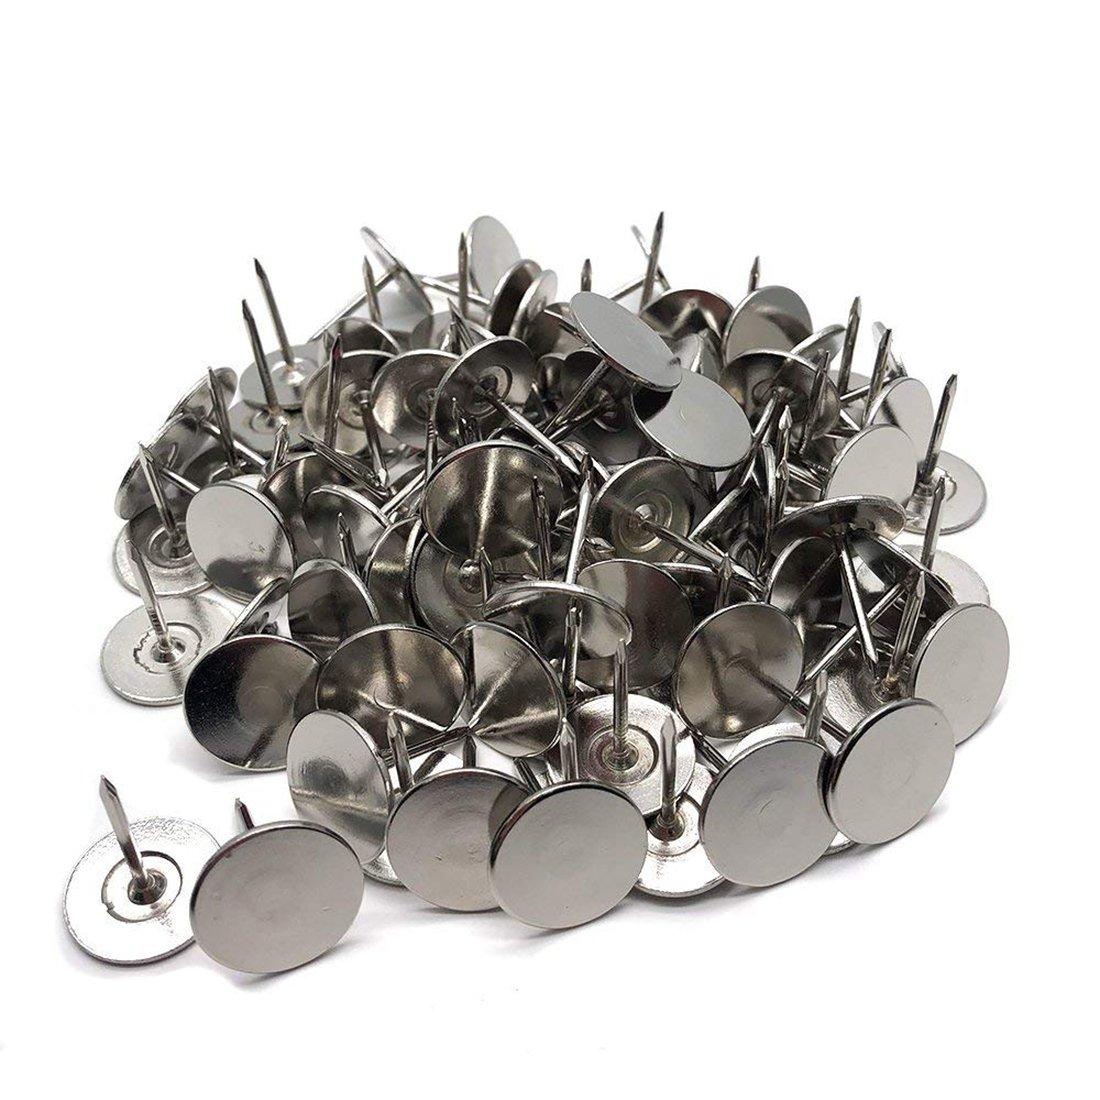 Sydien Flat Head Upholstery Tack Home Furniture Decor Tack Upholstery Nail Pushpin Thumb Tack Silver Tone 100pcs (19mm x 23mm)